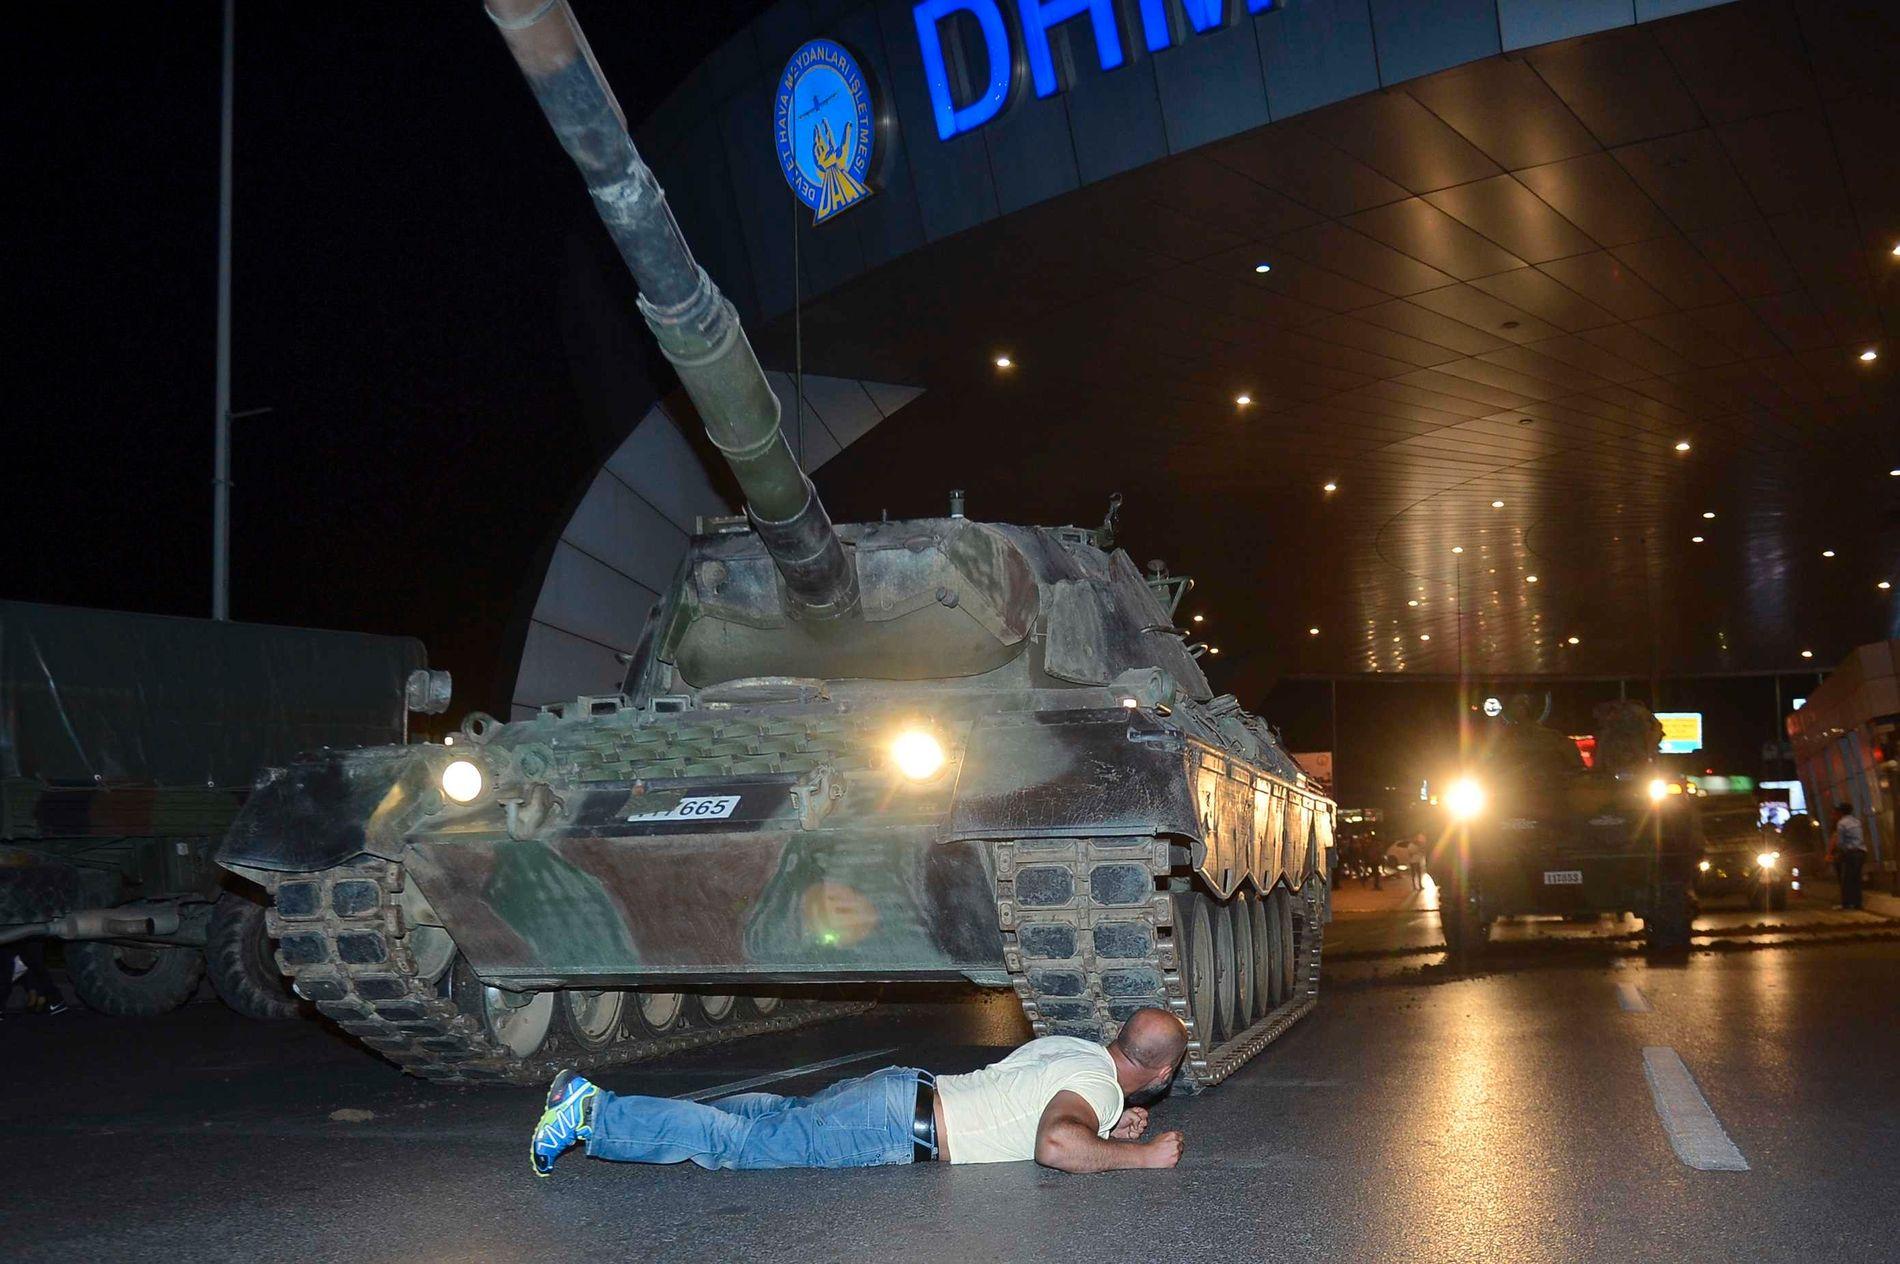 KUPPFORSØK: Ein mann ligg framfor ei stridsvogn natt til 16. juli 2016, då delar av det tyrkiske militæret forsøkte å ta makta i landet.